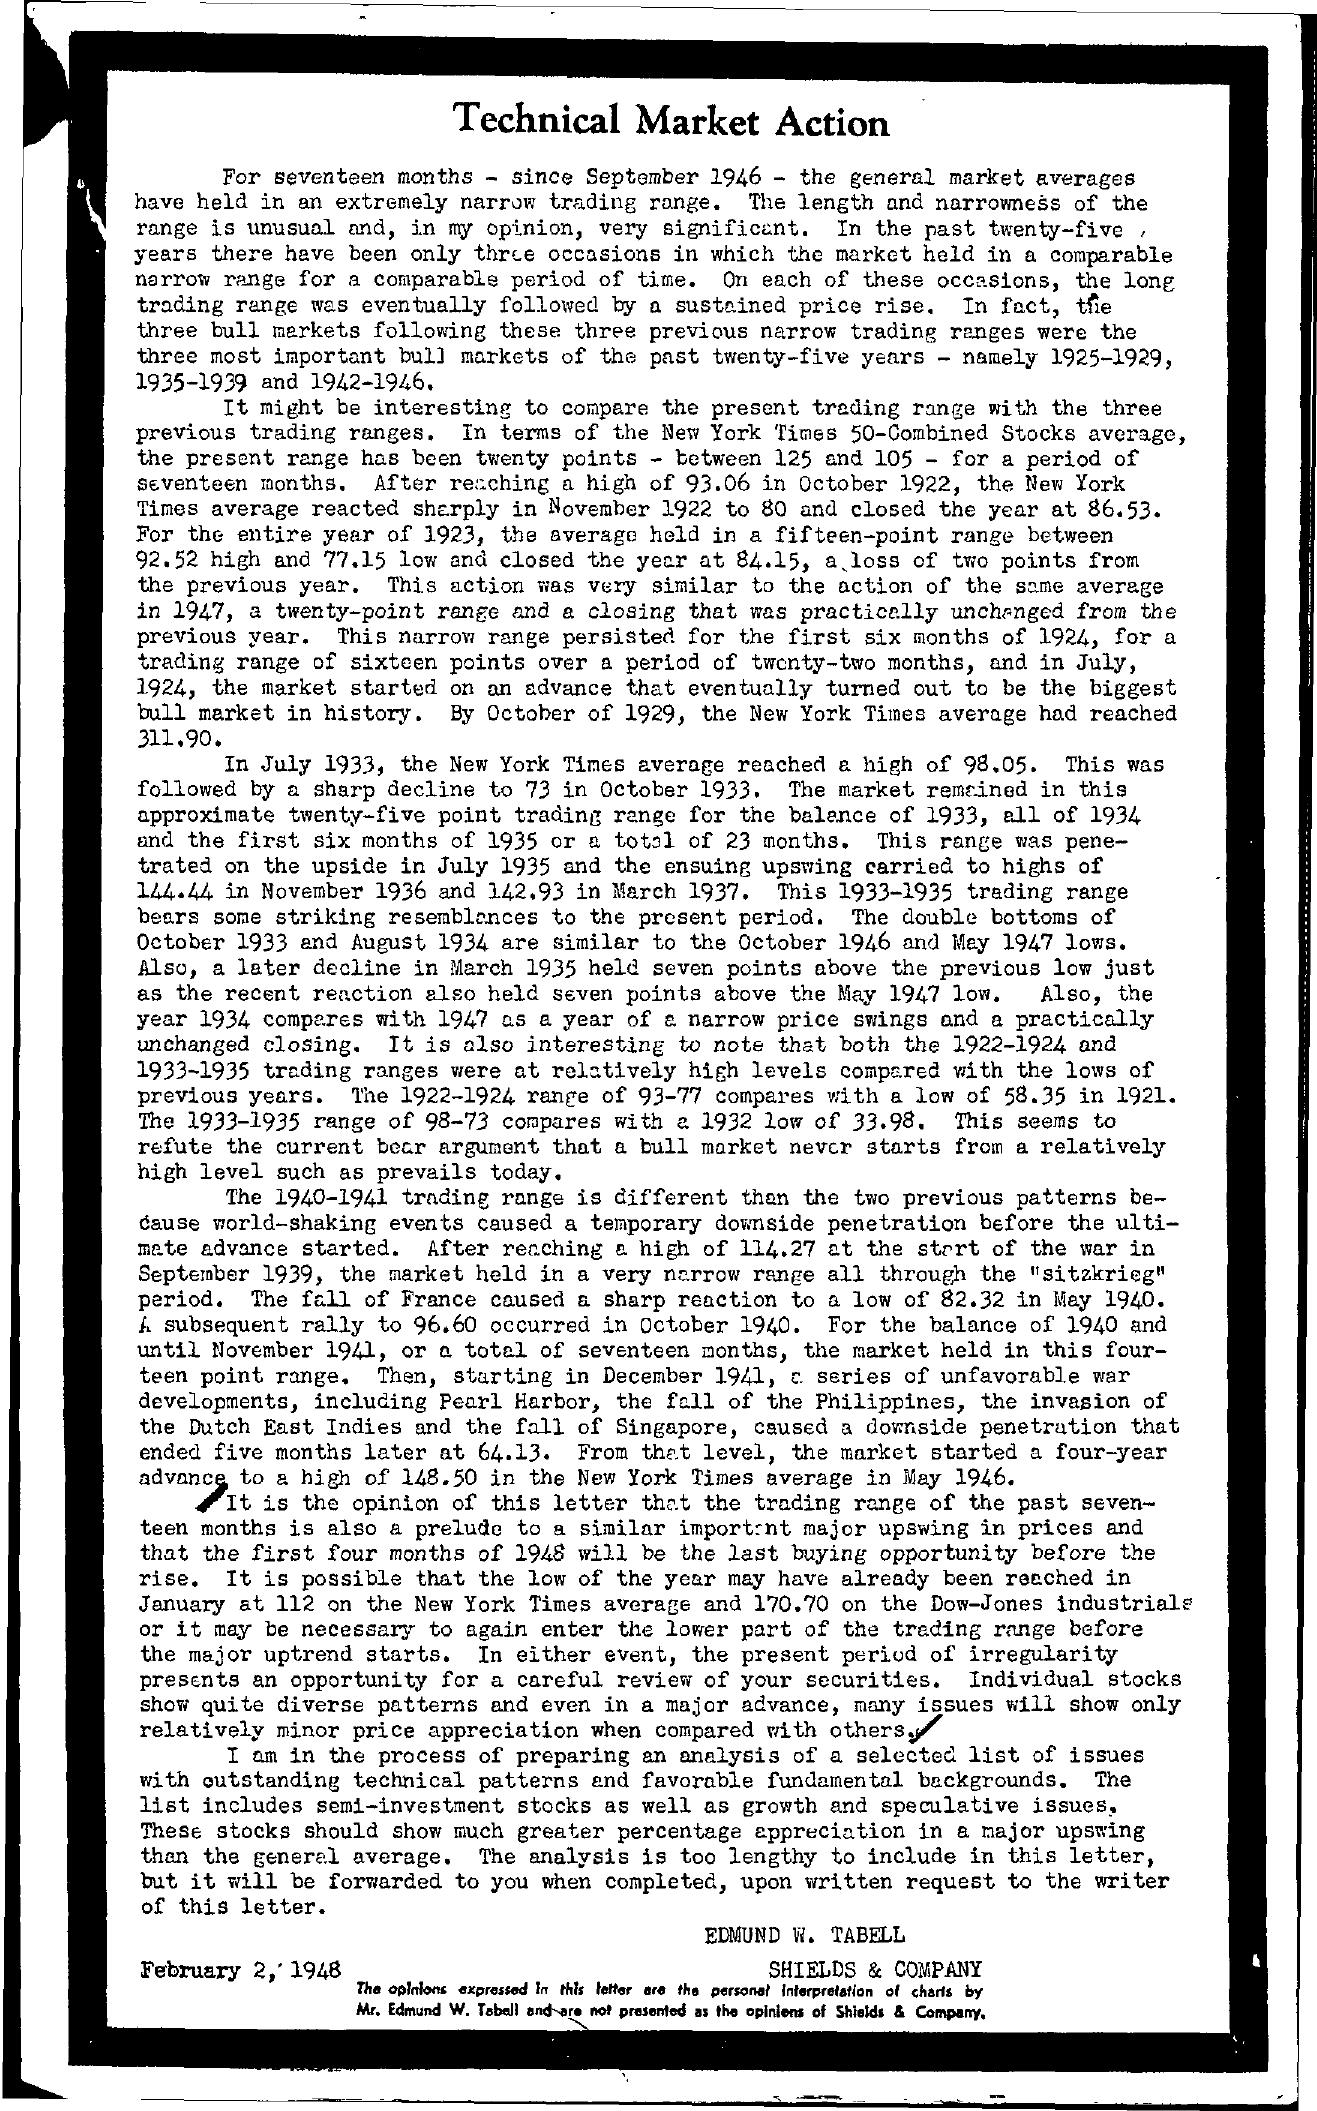 Tabell's Market Letter - February 02, 1948